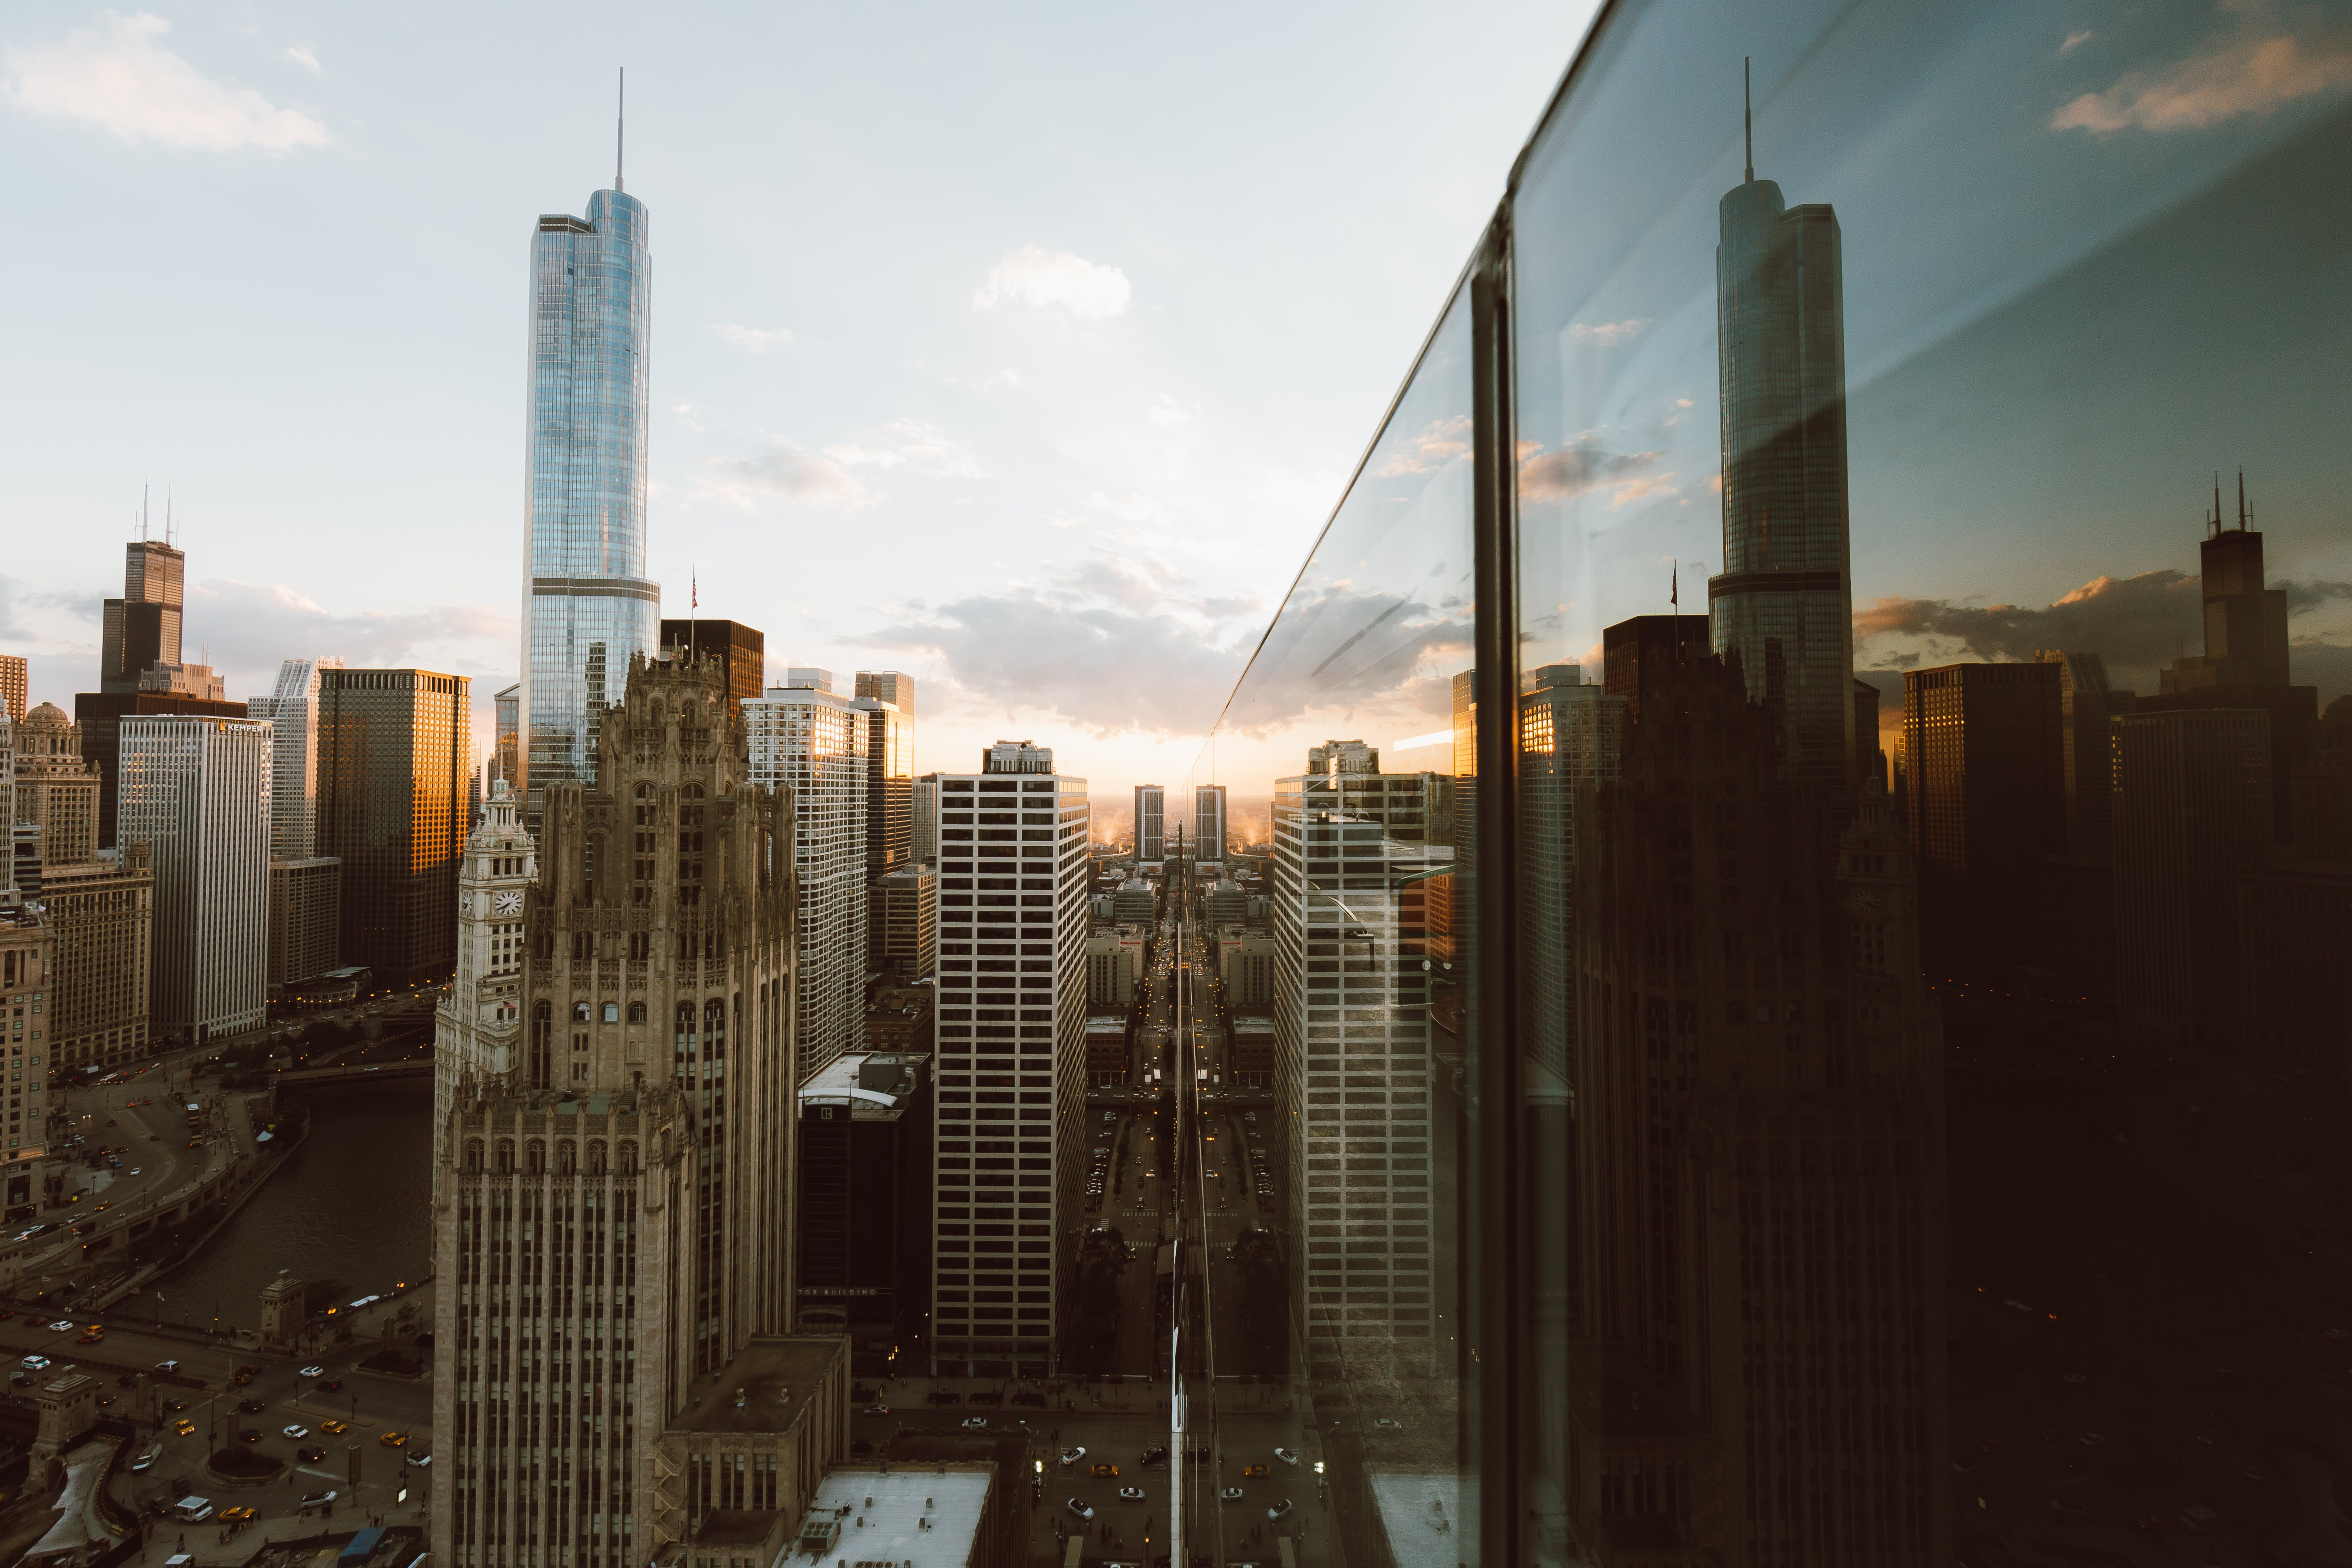 Kostnadsfri bild av arkitektur, byggnader, chicago, högsta